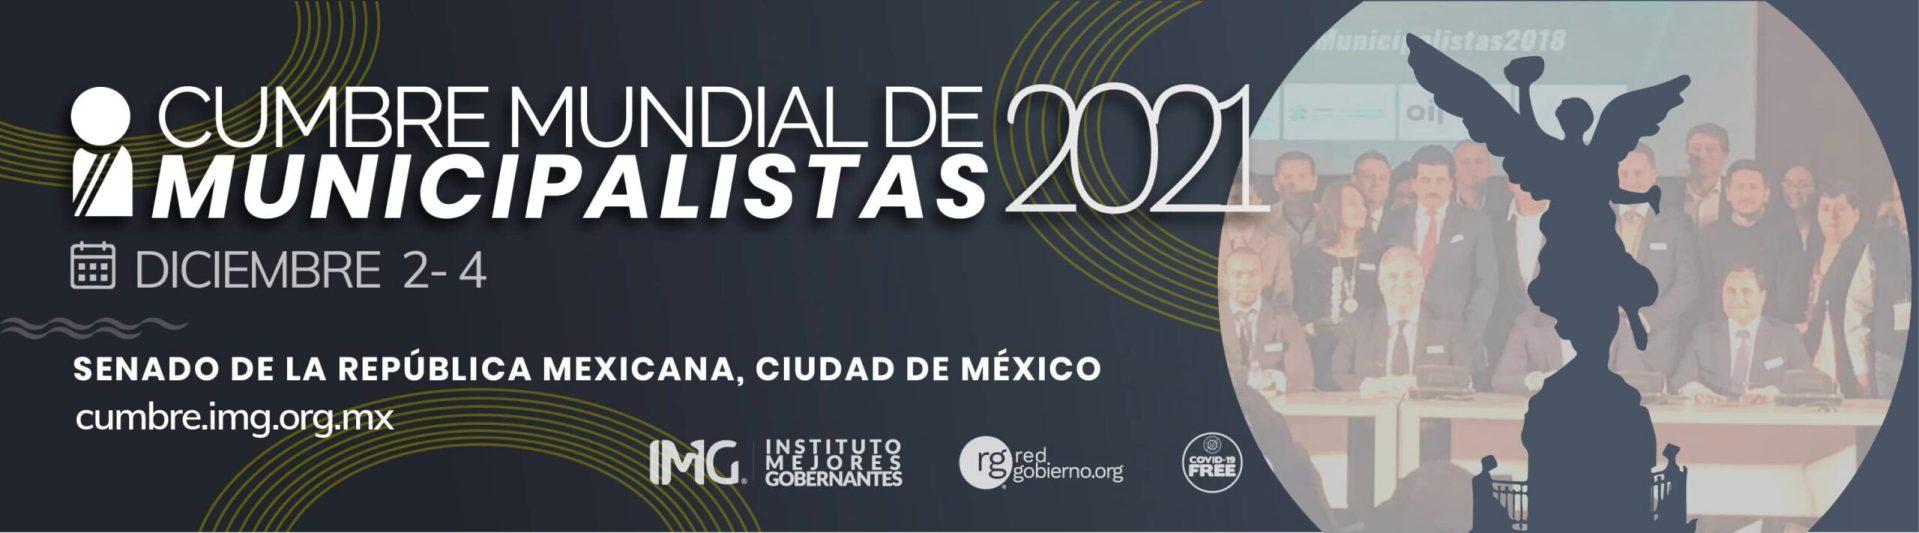 Cumbre Mundial de Municipalistas 2021 en Ciudad de México. Instituto Mejores Gobernantes A.C ¡Ya puedes registrarte!